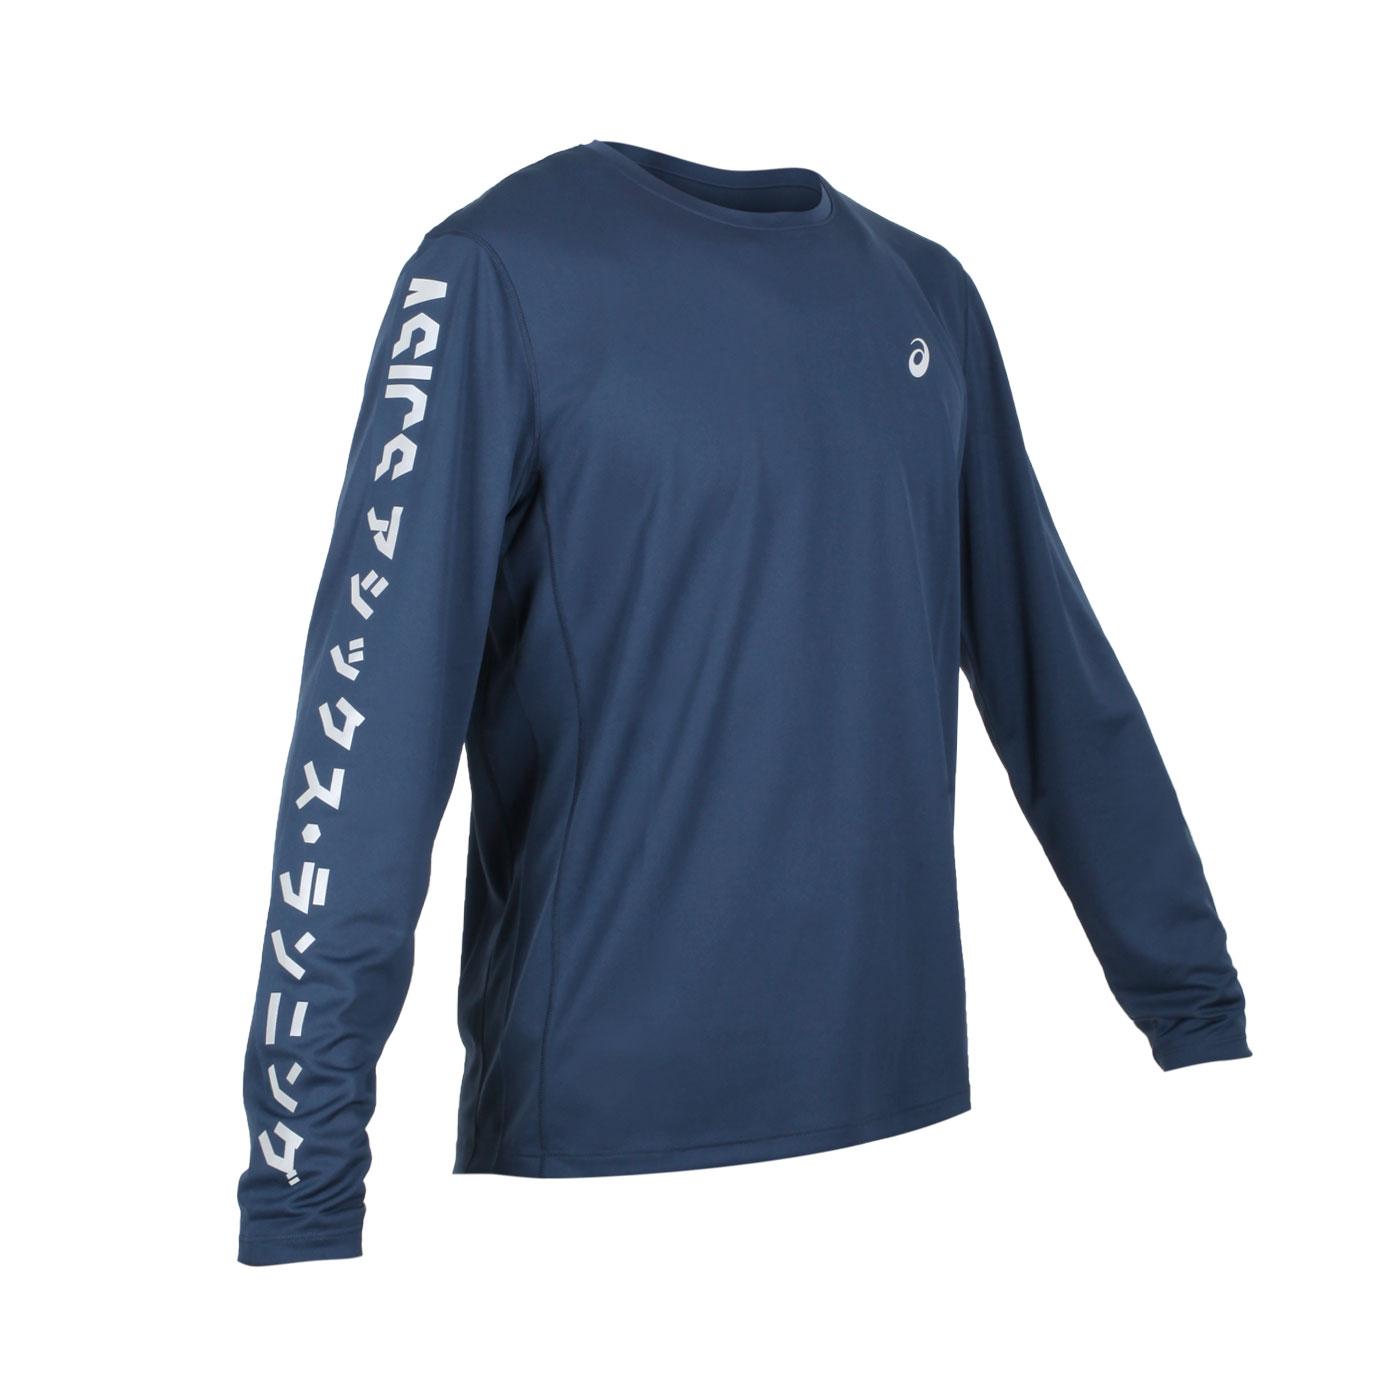 ASICS 男款長袖T恤 2011A818-407